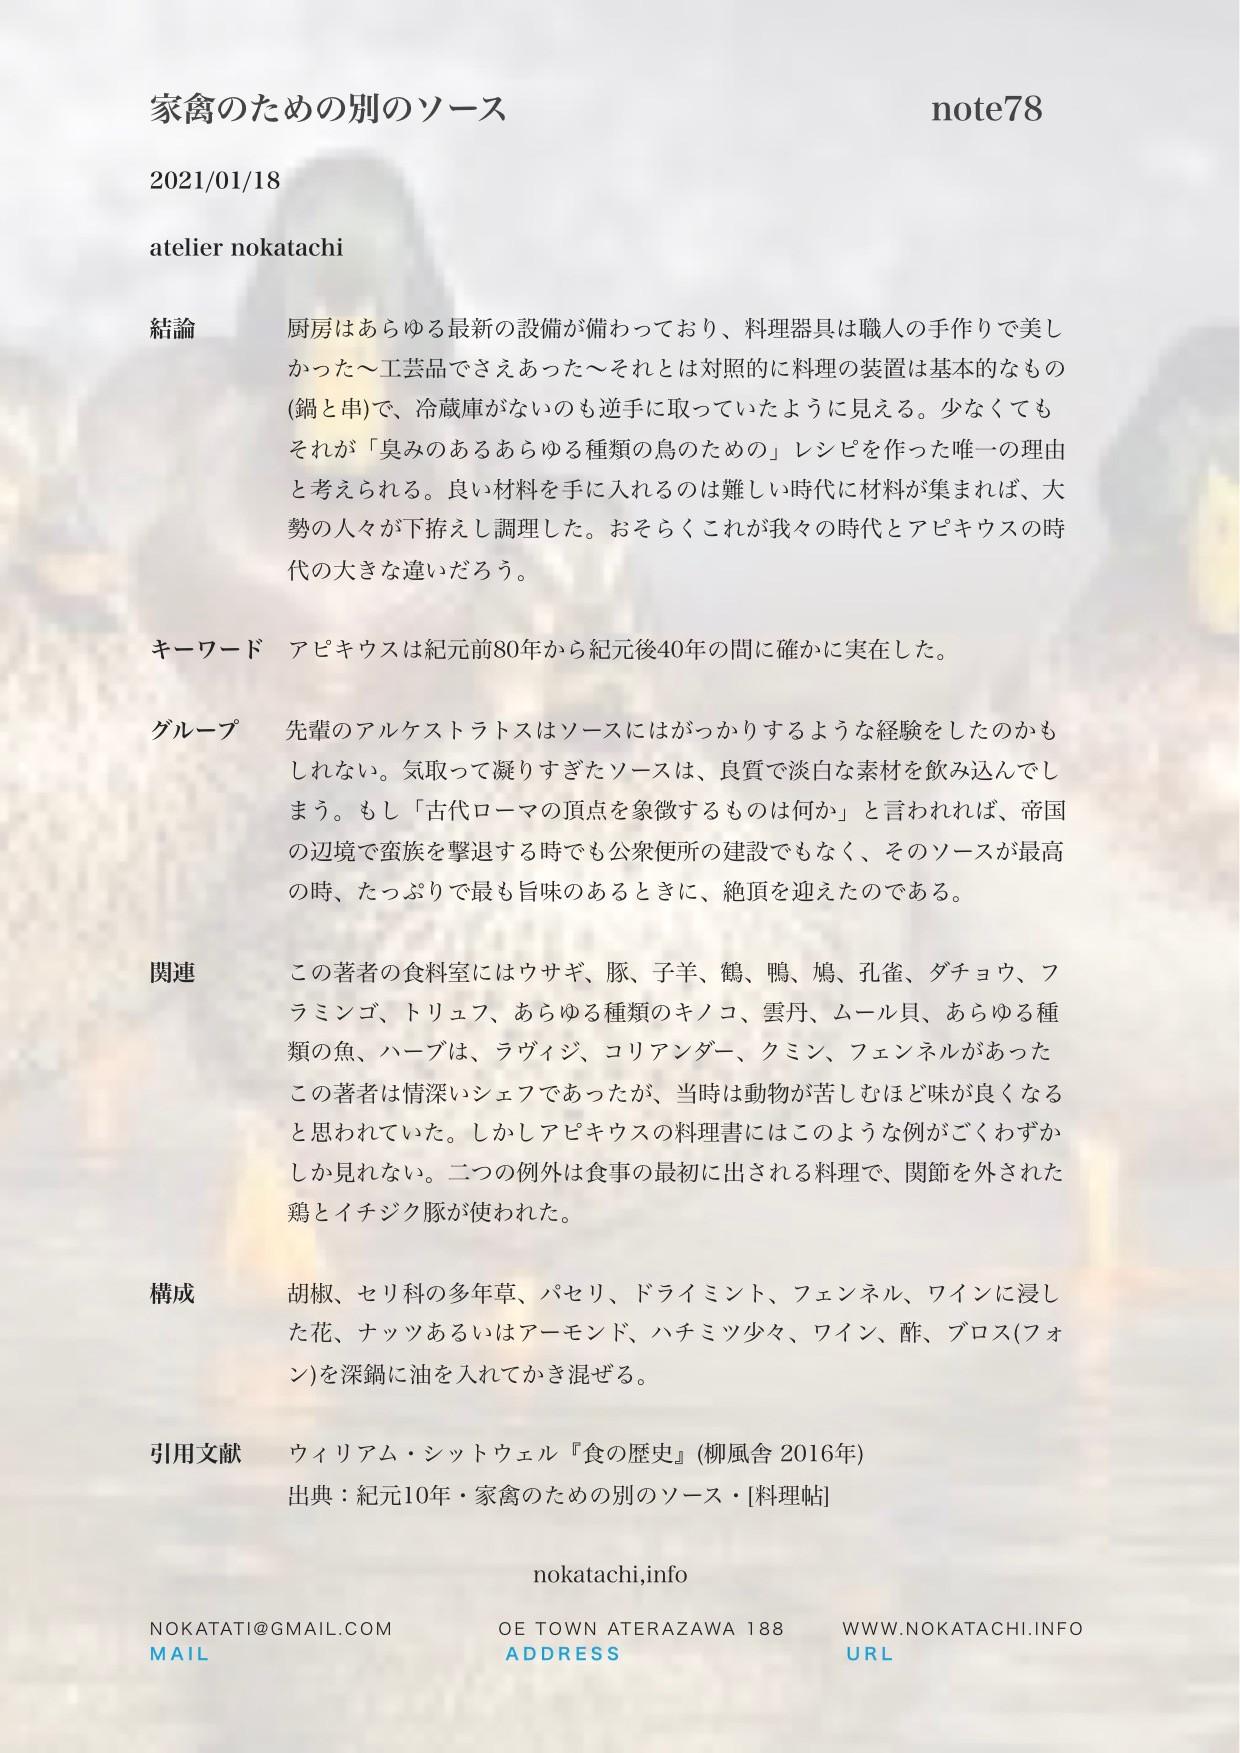 【レポート】家禽の為の別のソース